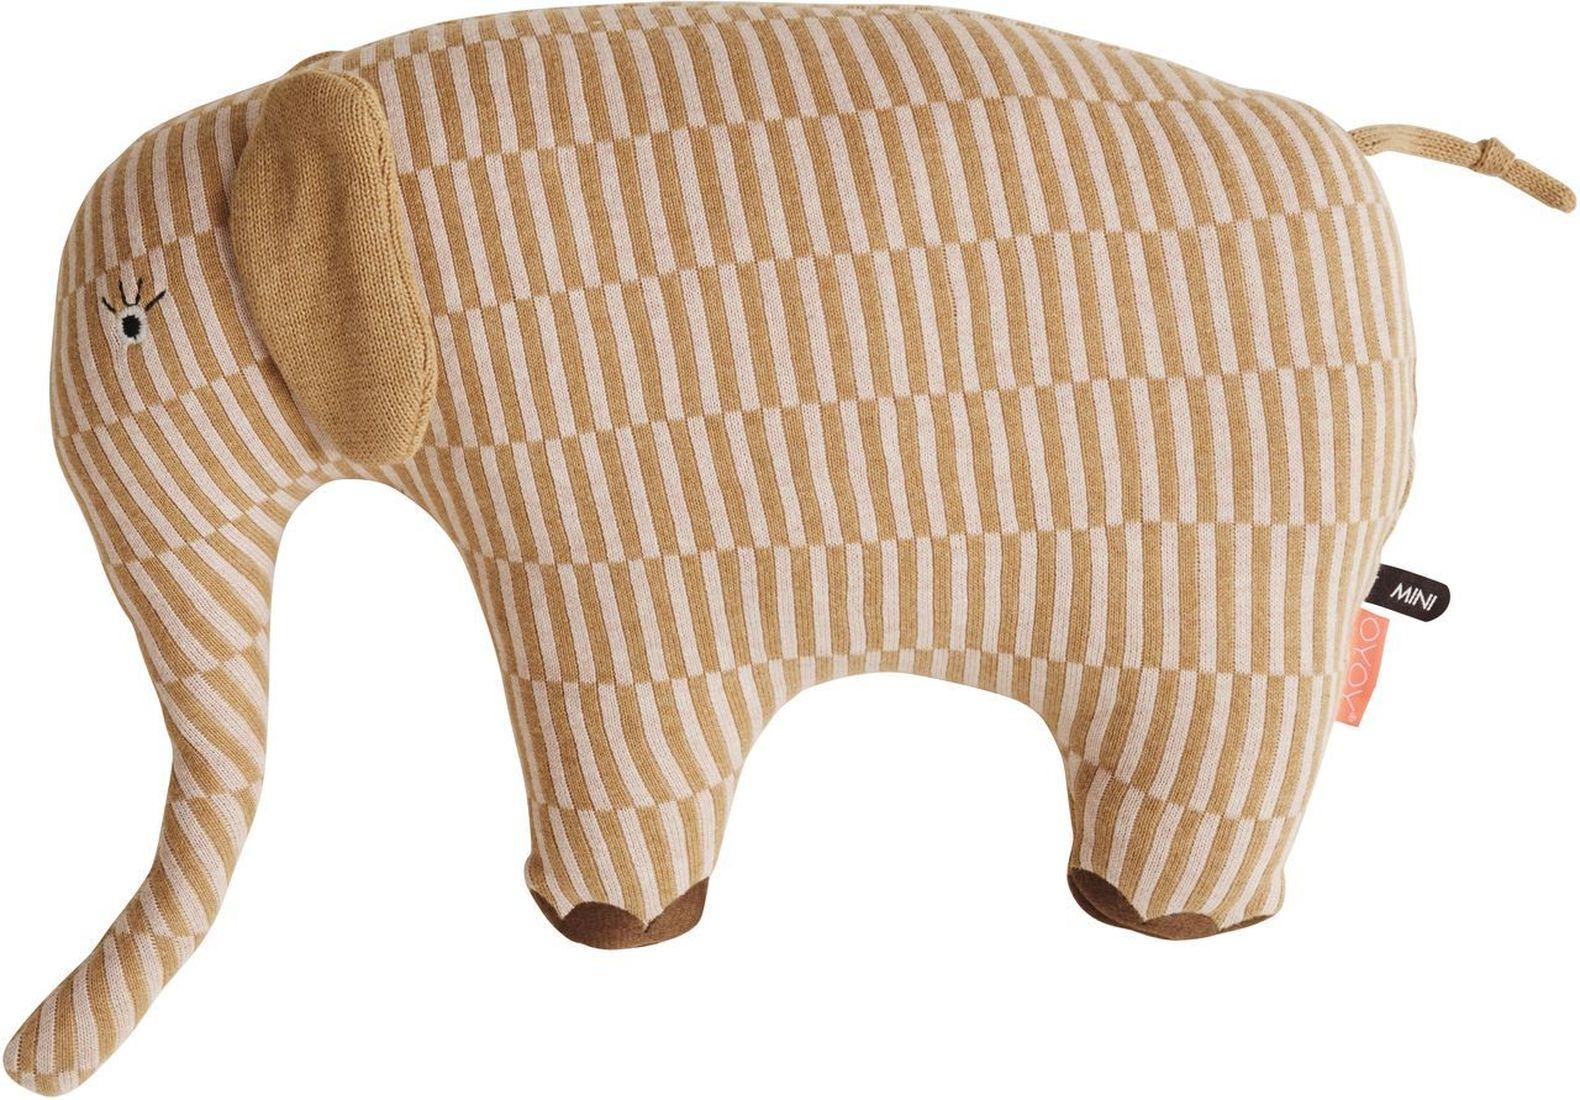 oyoy kissen elefant kissen decken ausstattung kinderzimmer. Black Bedroom Furniture Sets. Home Design Ideas